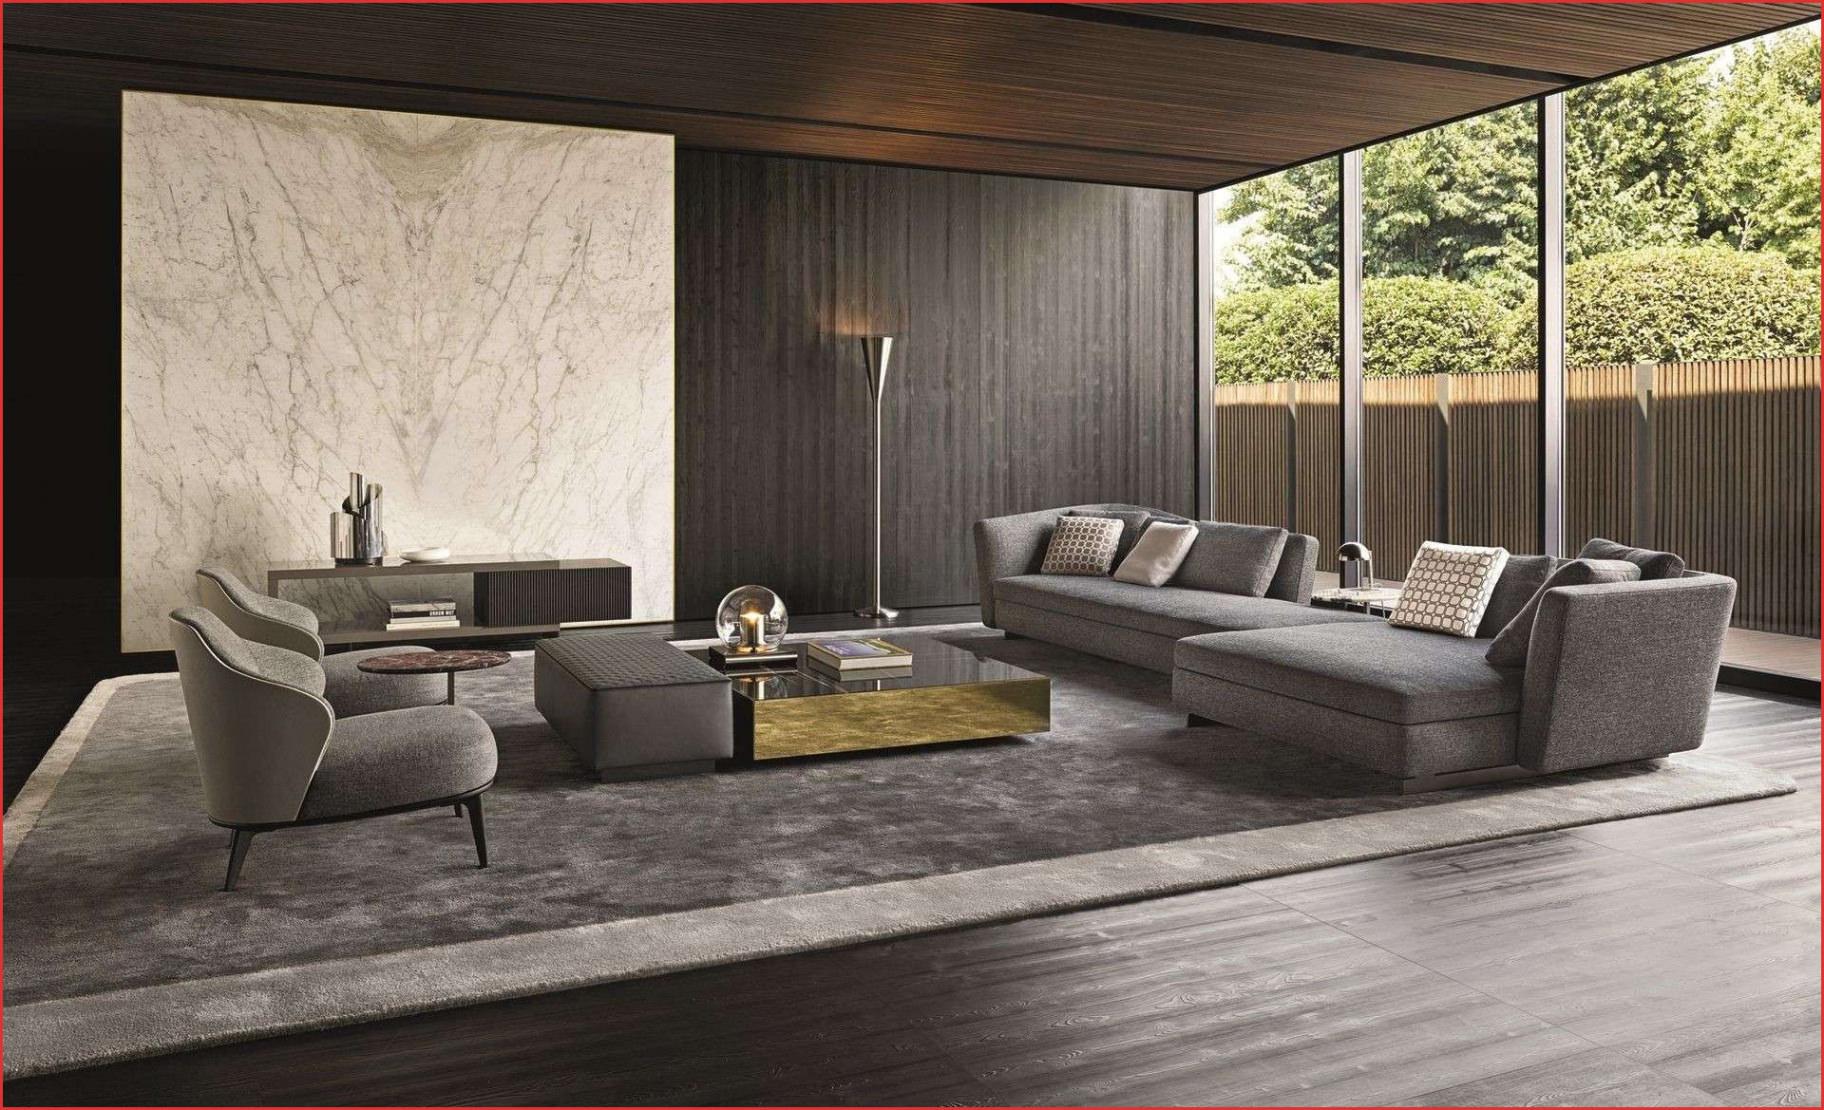 Full Size of 15 Genial Wohnzimmer Stuttgart Wohndesign   Innenarchitektur Wohnzimmer Mit Kamin Wohnzimmer Wohnzimmer Kamin